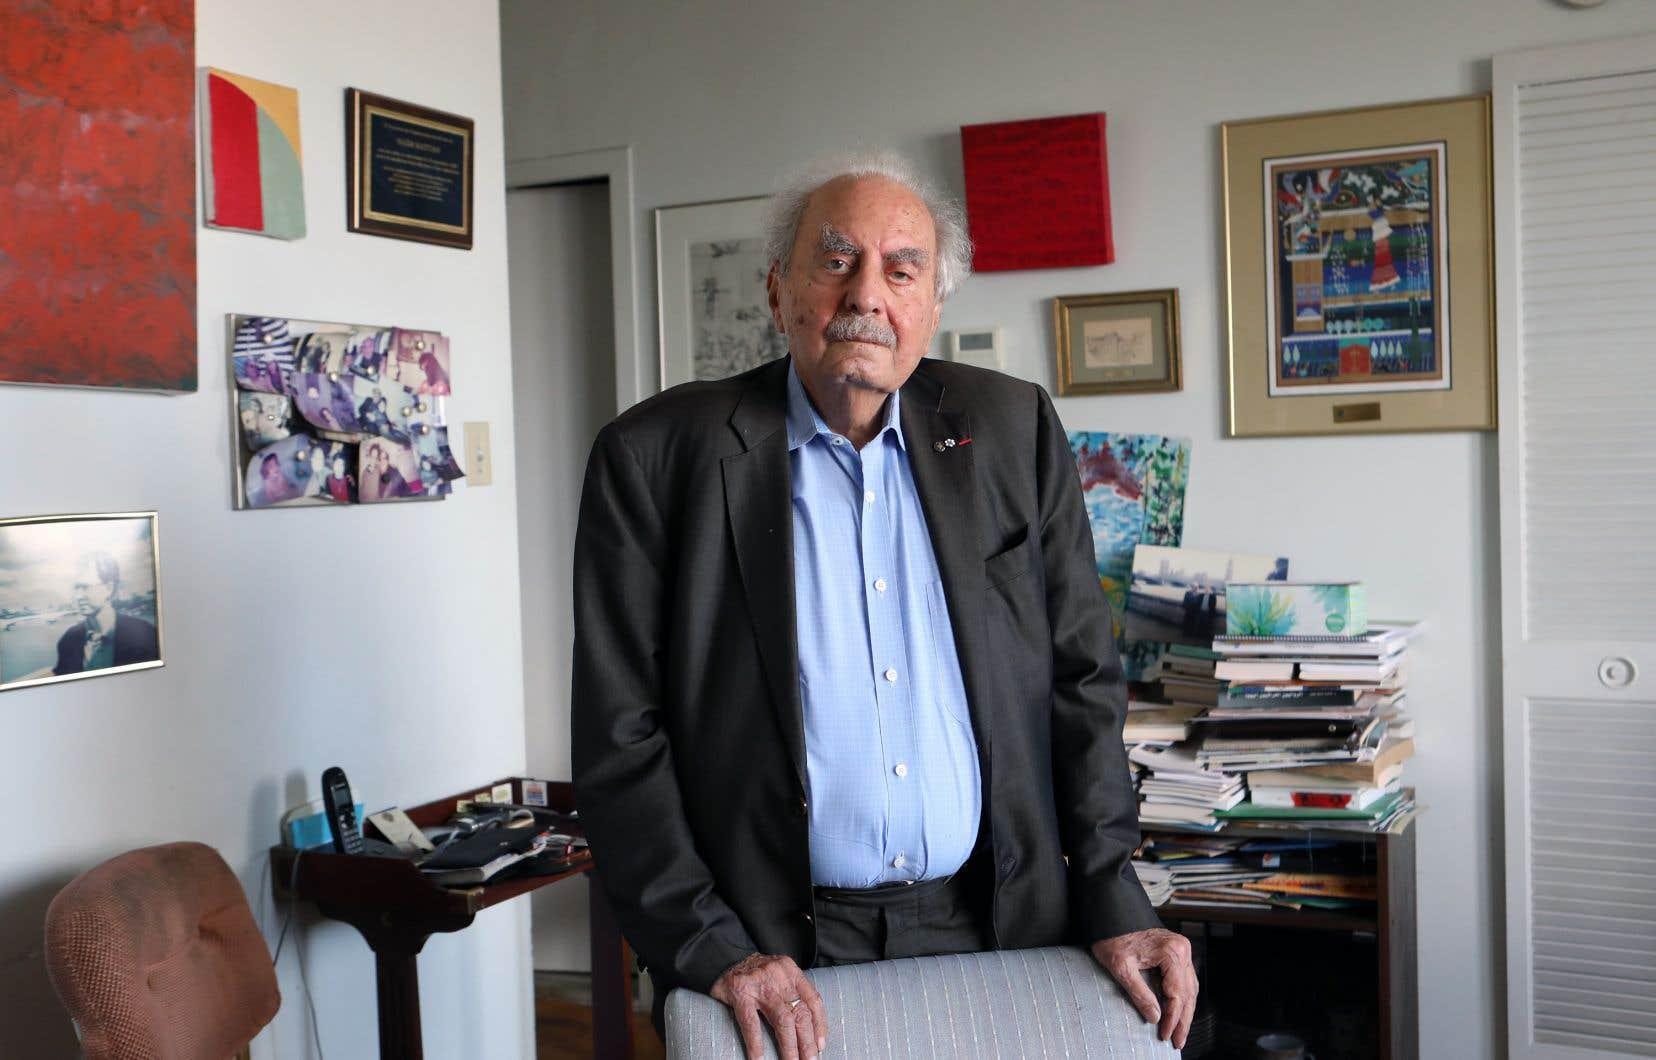 Tout le monde connaissait Naïm Kattan dans le milieu littéraire canadien et il connaissait lui-même tout le monde, d'ailleurs bien au-delà de ces cercles de lettrés.